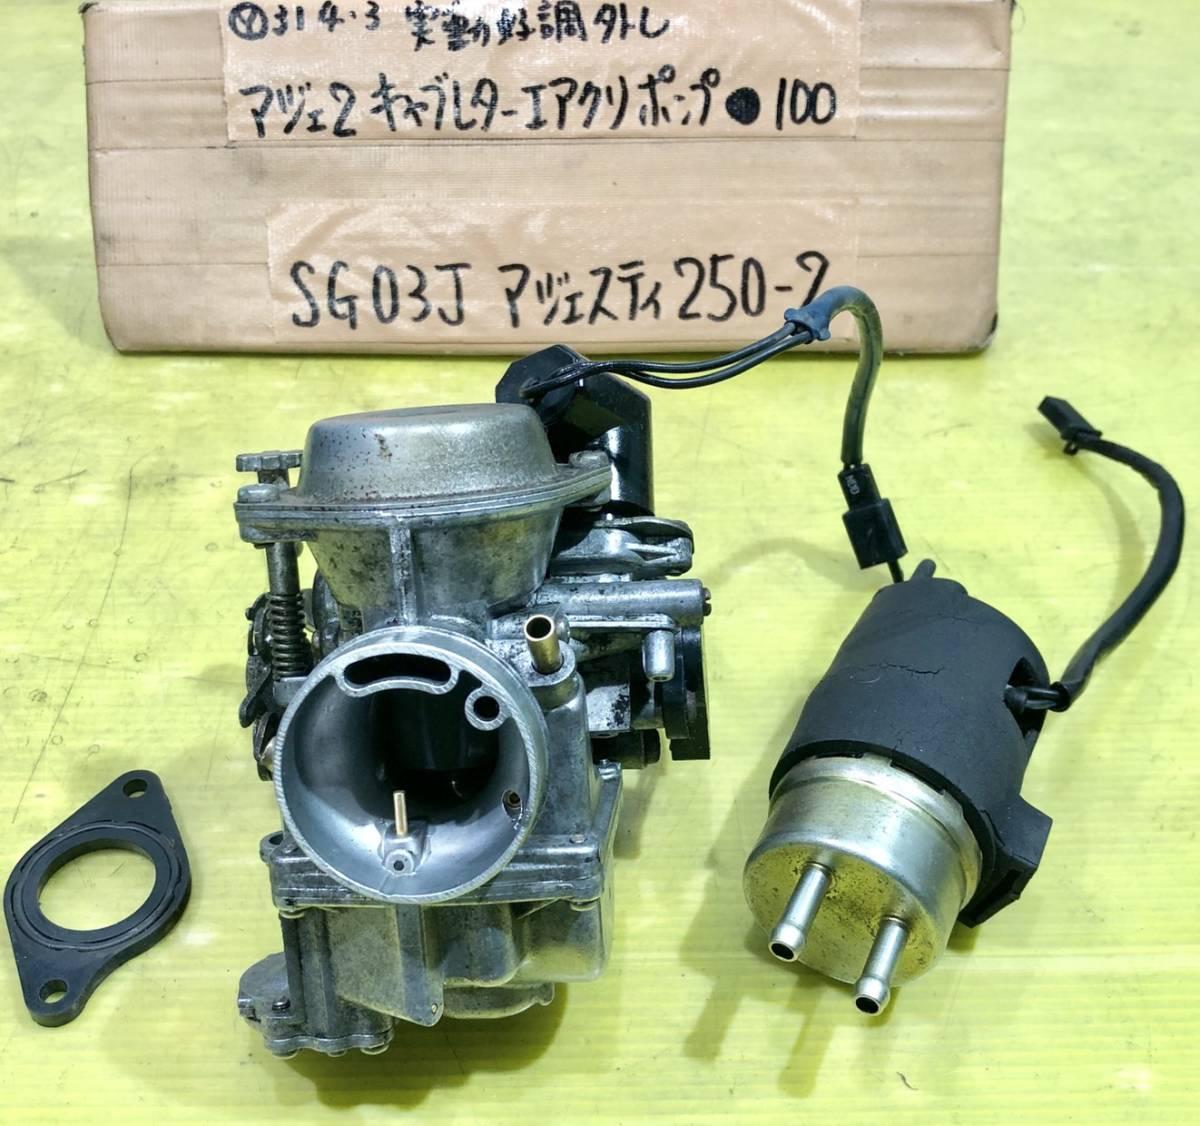 マジェスティ250-2 SG03J 純正キャブレター・エアクリーナーポンプセット